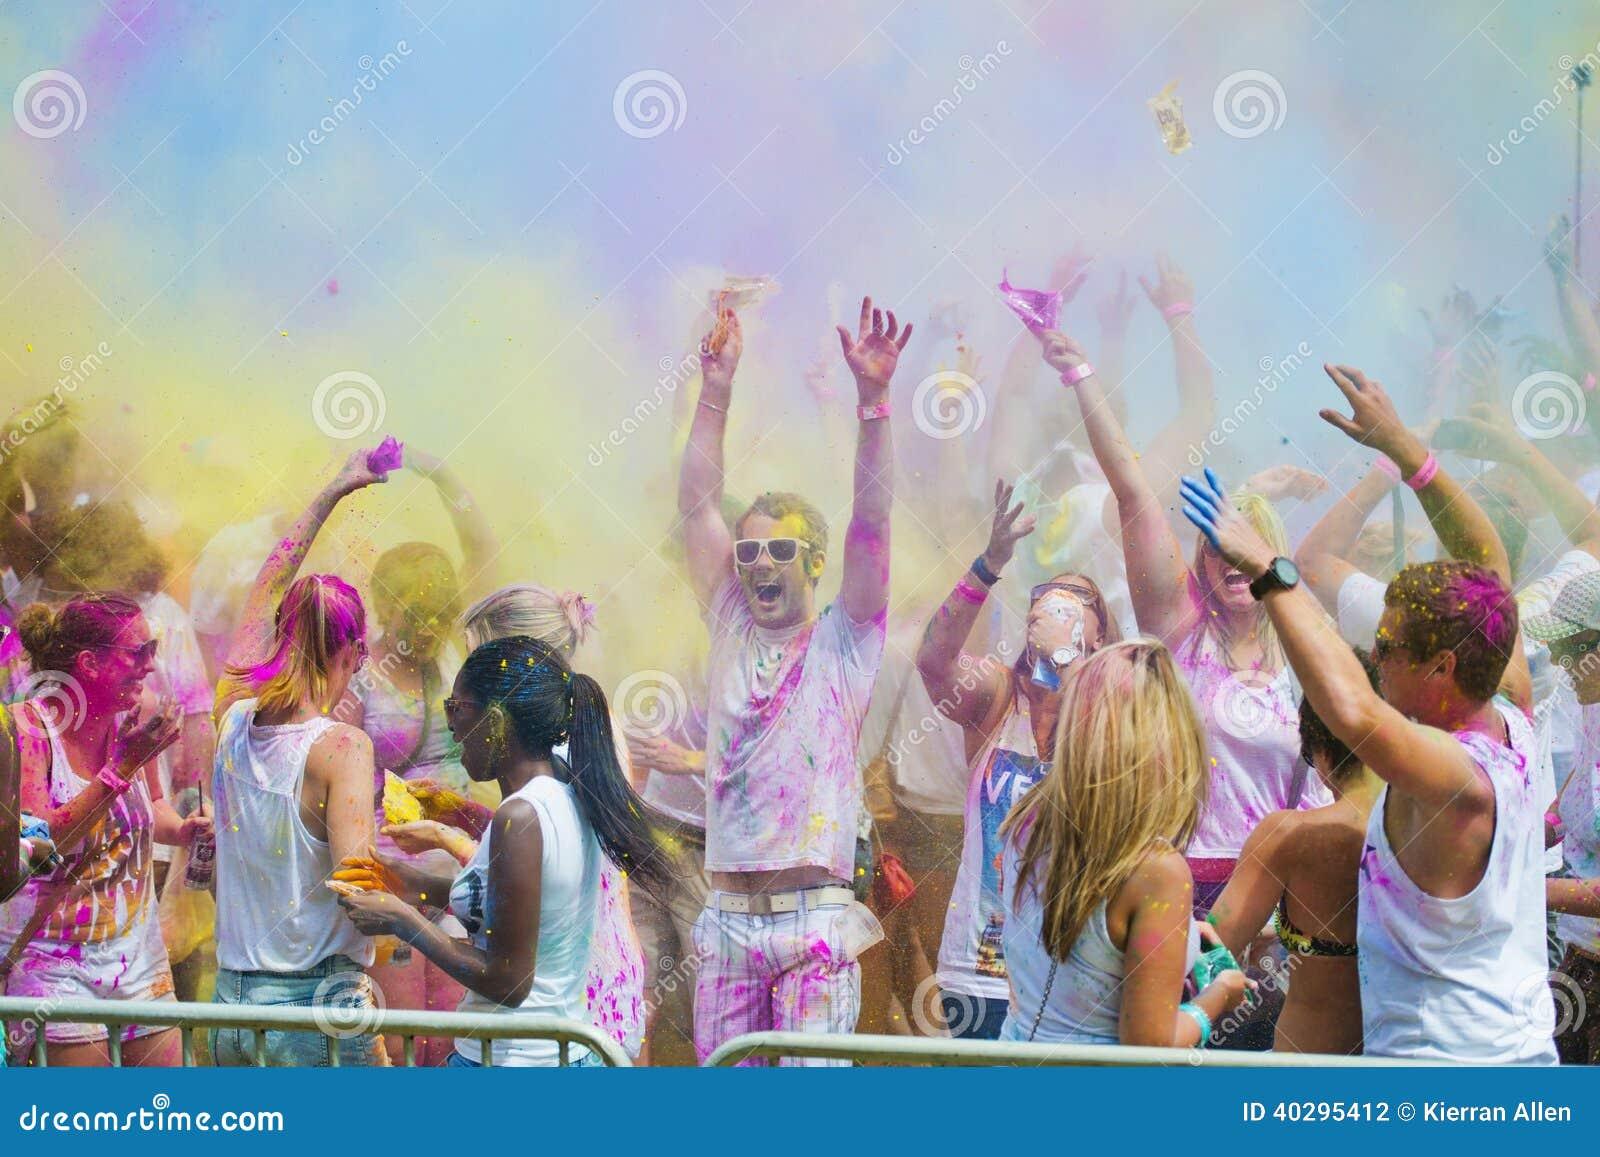 Festival der Farbe Holi eine Partei